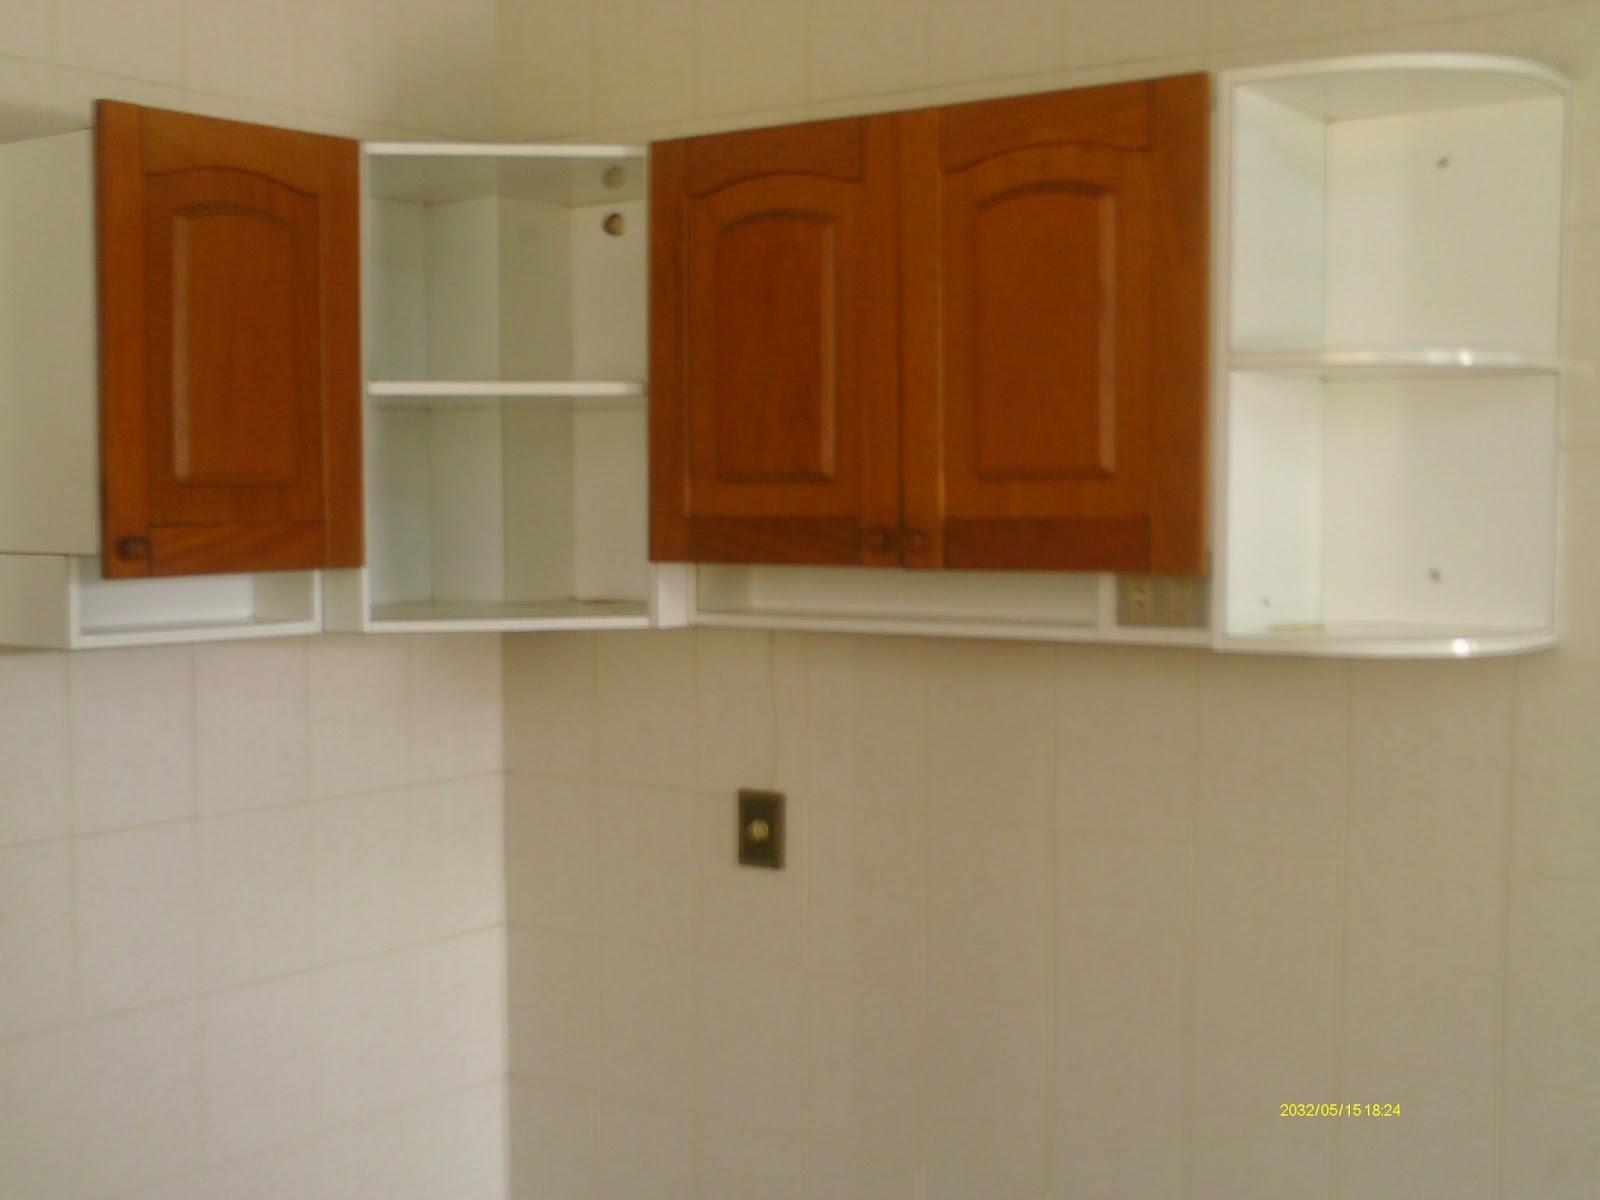 Imagens de #712F04 Casa Cocotá Ilha do Governador Avelino Freire Imóveis 1600x1200 px 2886 Box Banheiro Ilha Do Governador